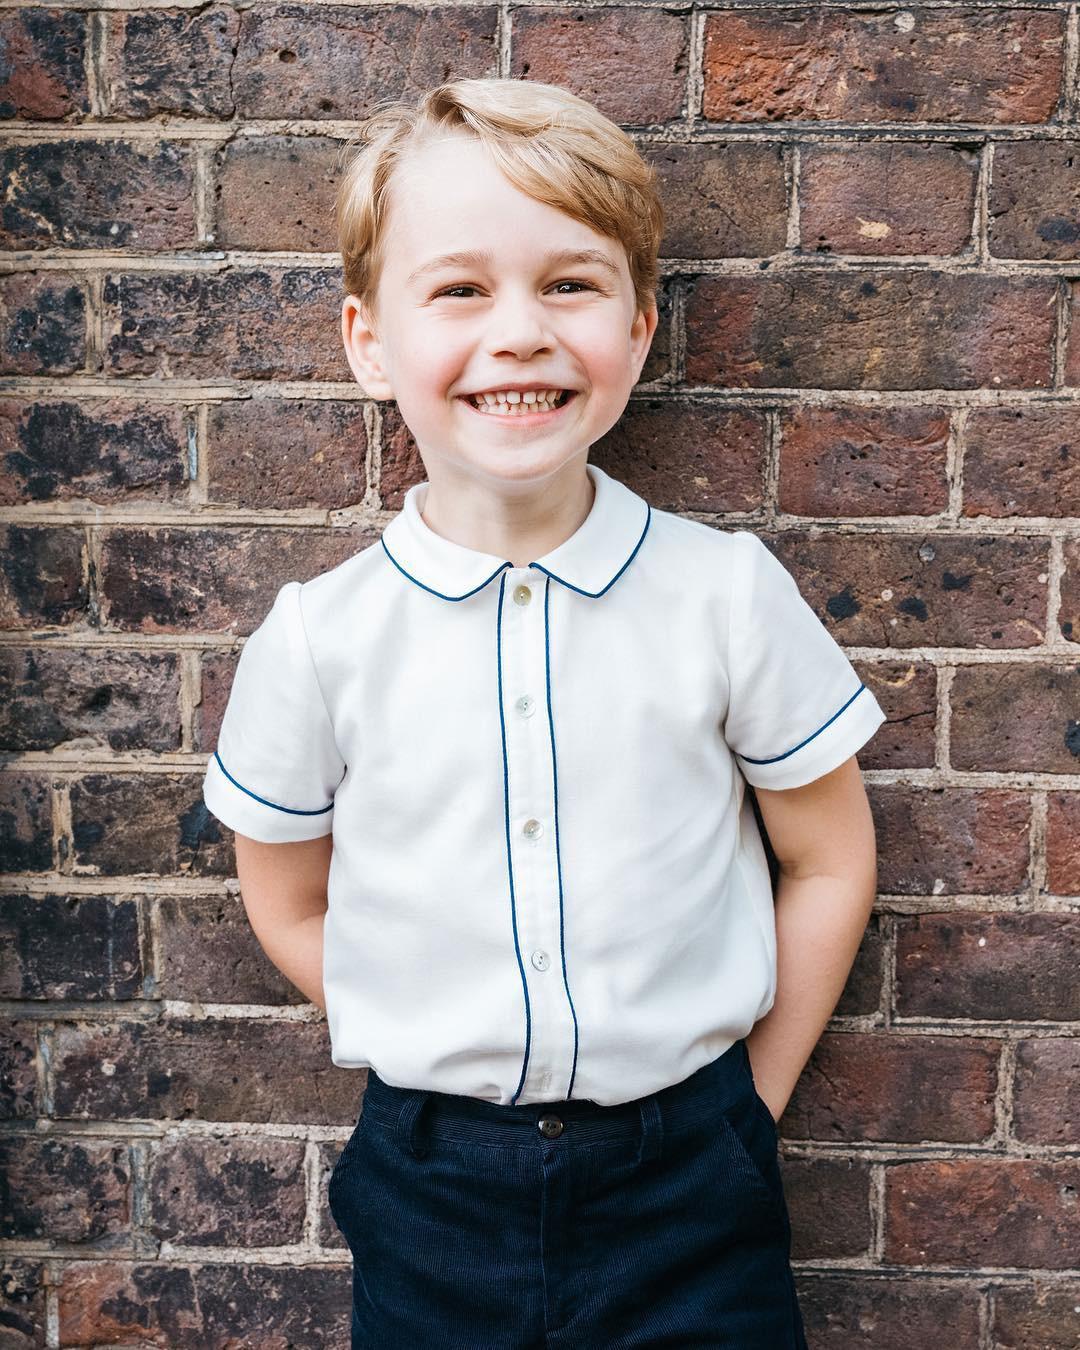 Mới làm dâu Hoàng gia chưa đầy 3 tháng, Meghan Markle đã cùng Nữ hoàng lọt top 30 nhân vật mặc đẹp nhất nước Anh  - Ảnh 5.